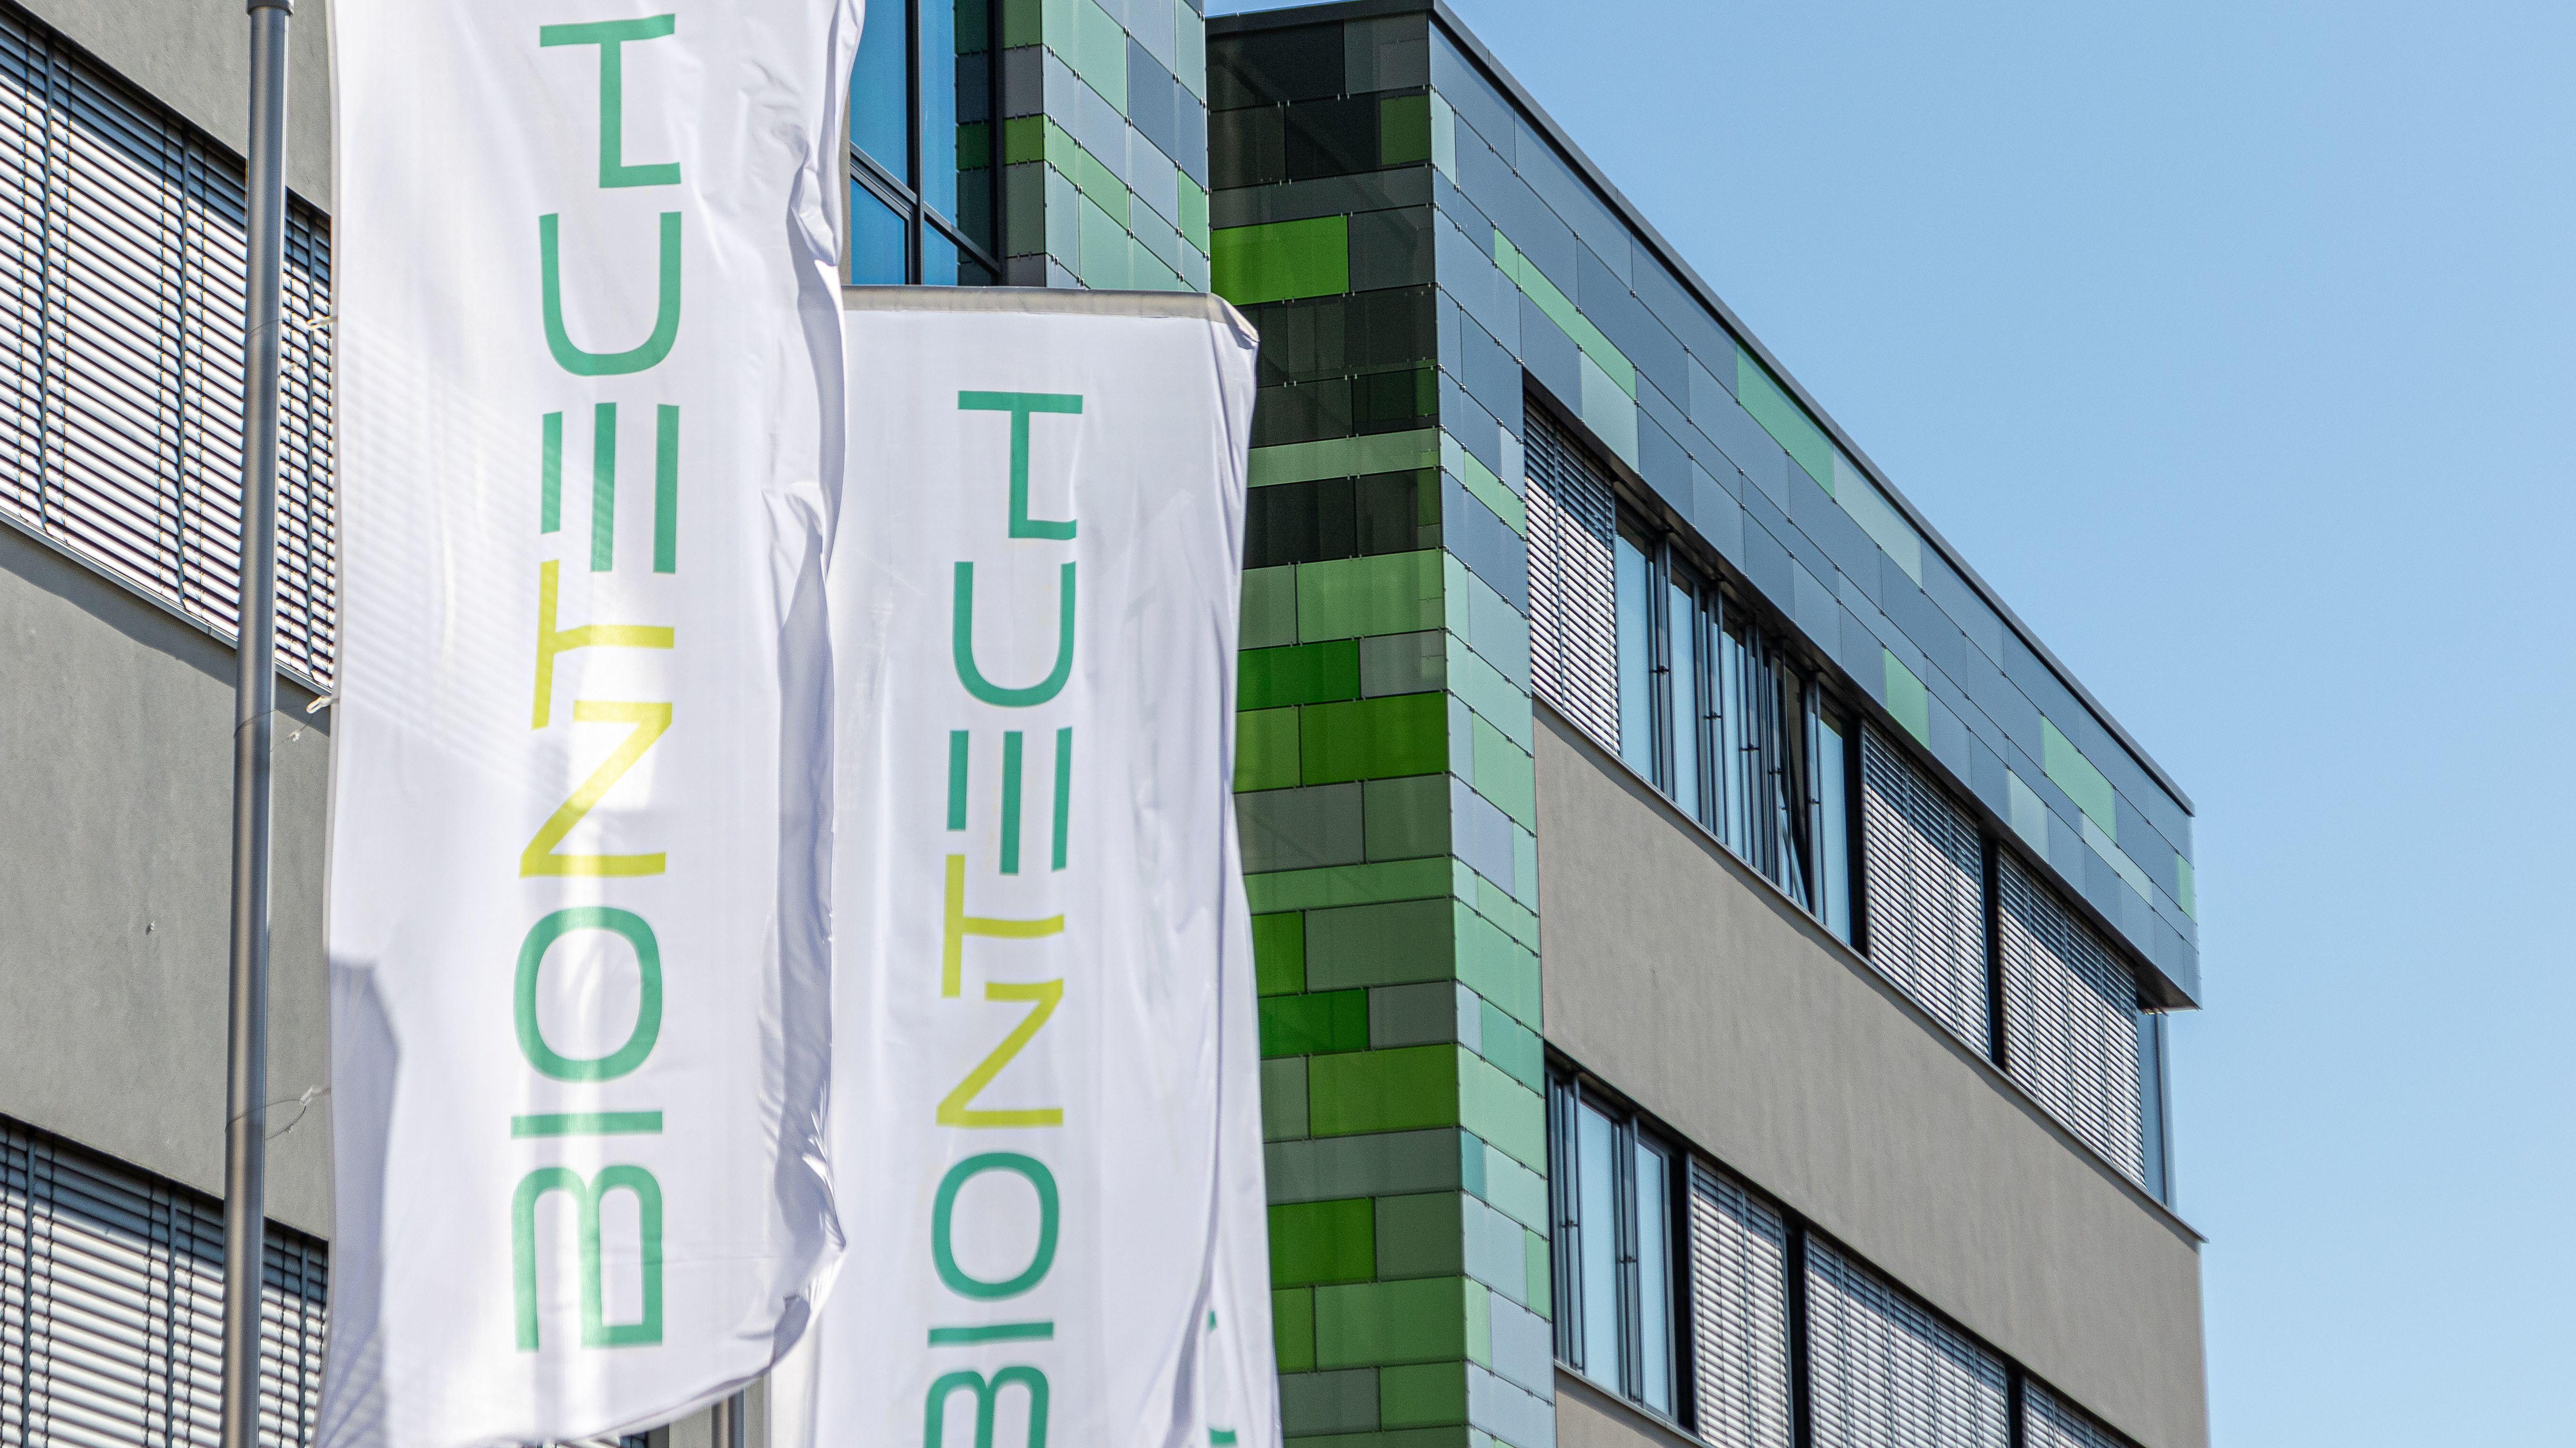 BioNTech AG, Flaggen am Firmengebaeude